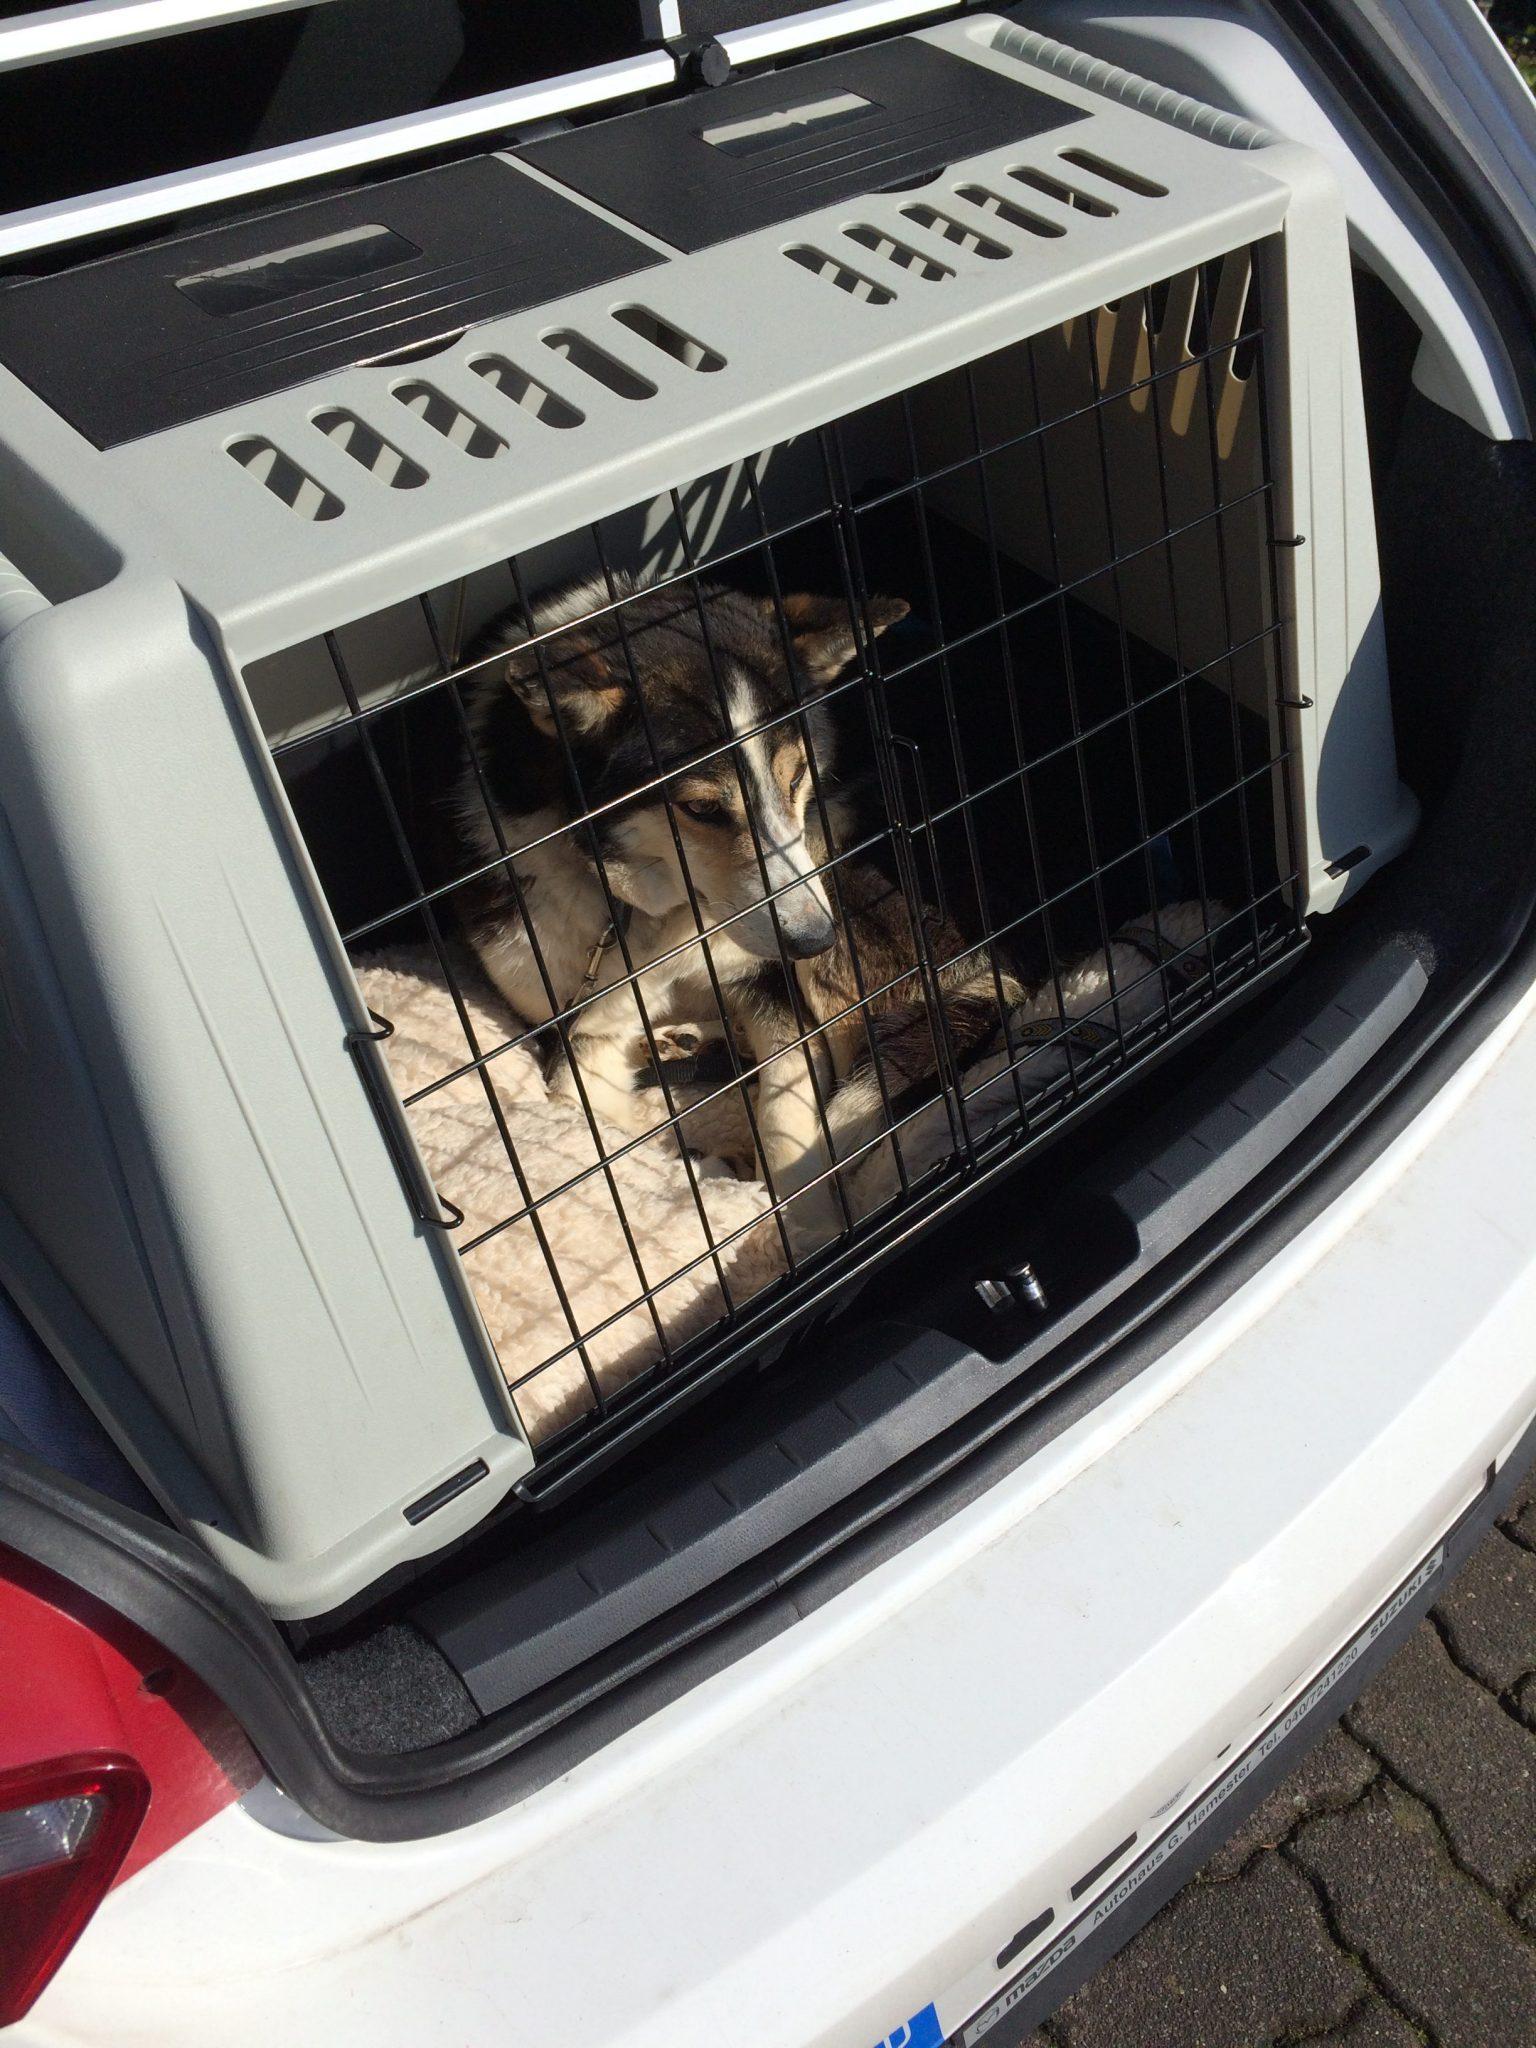 Auslandshund in Hundebox im Auto